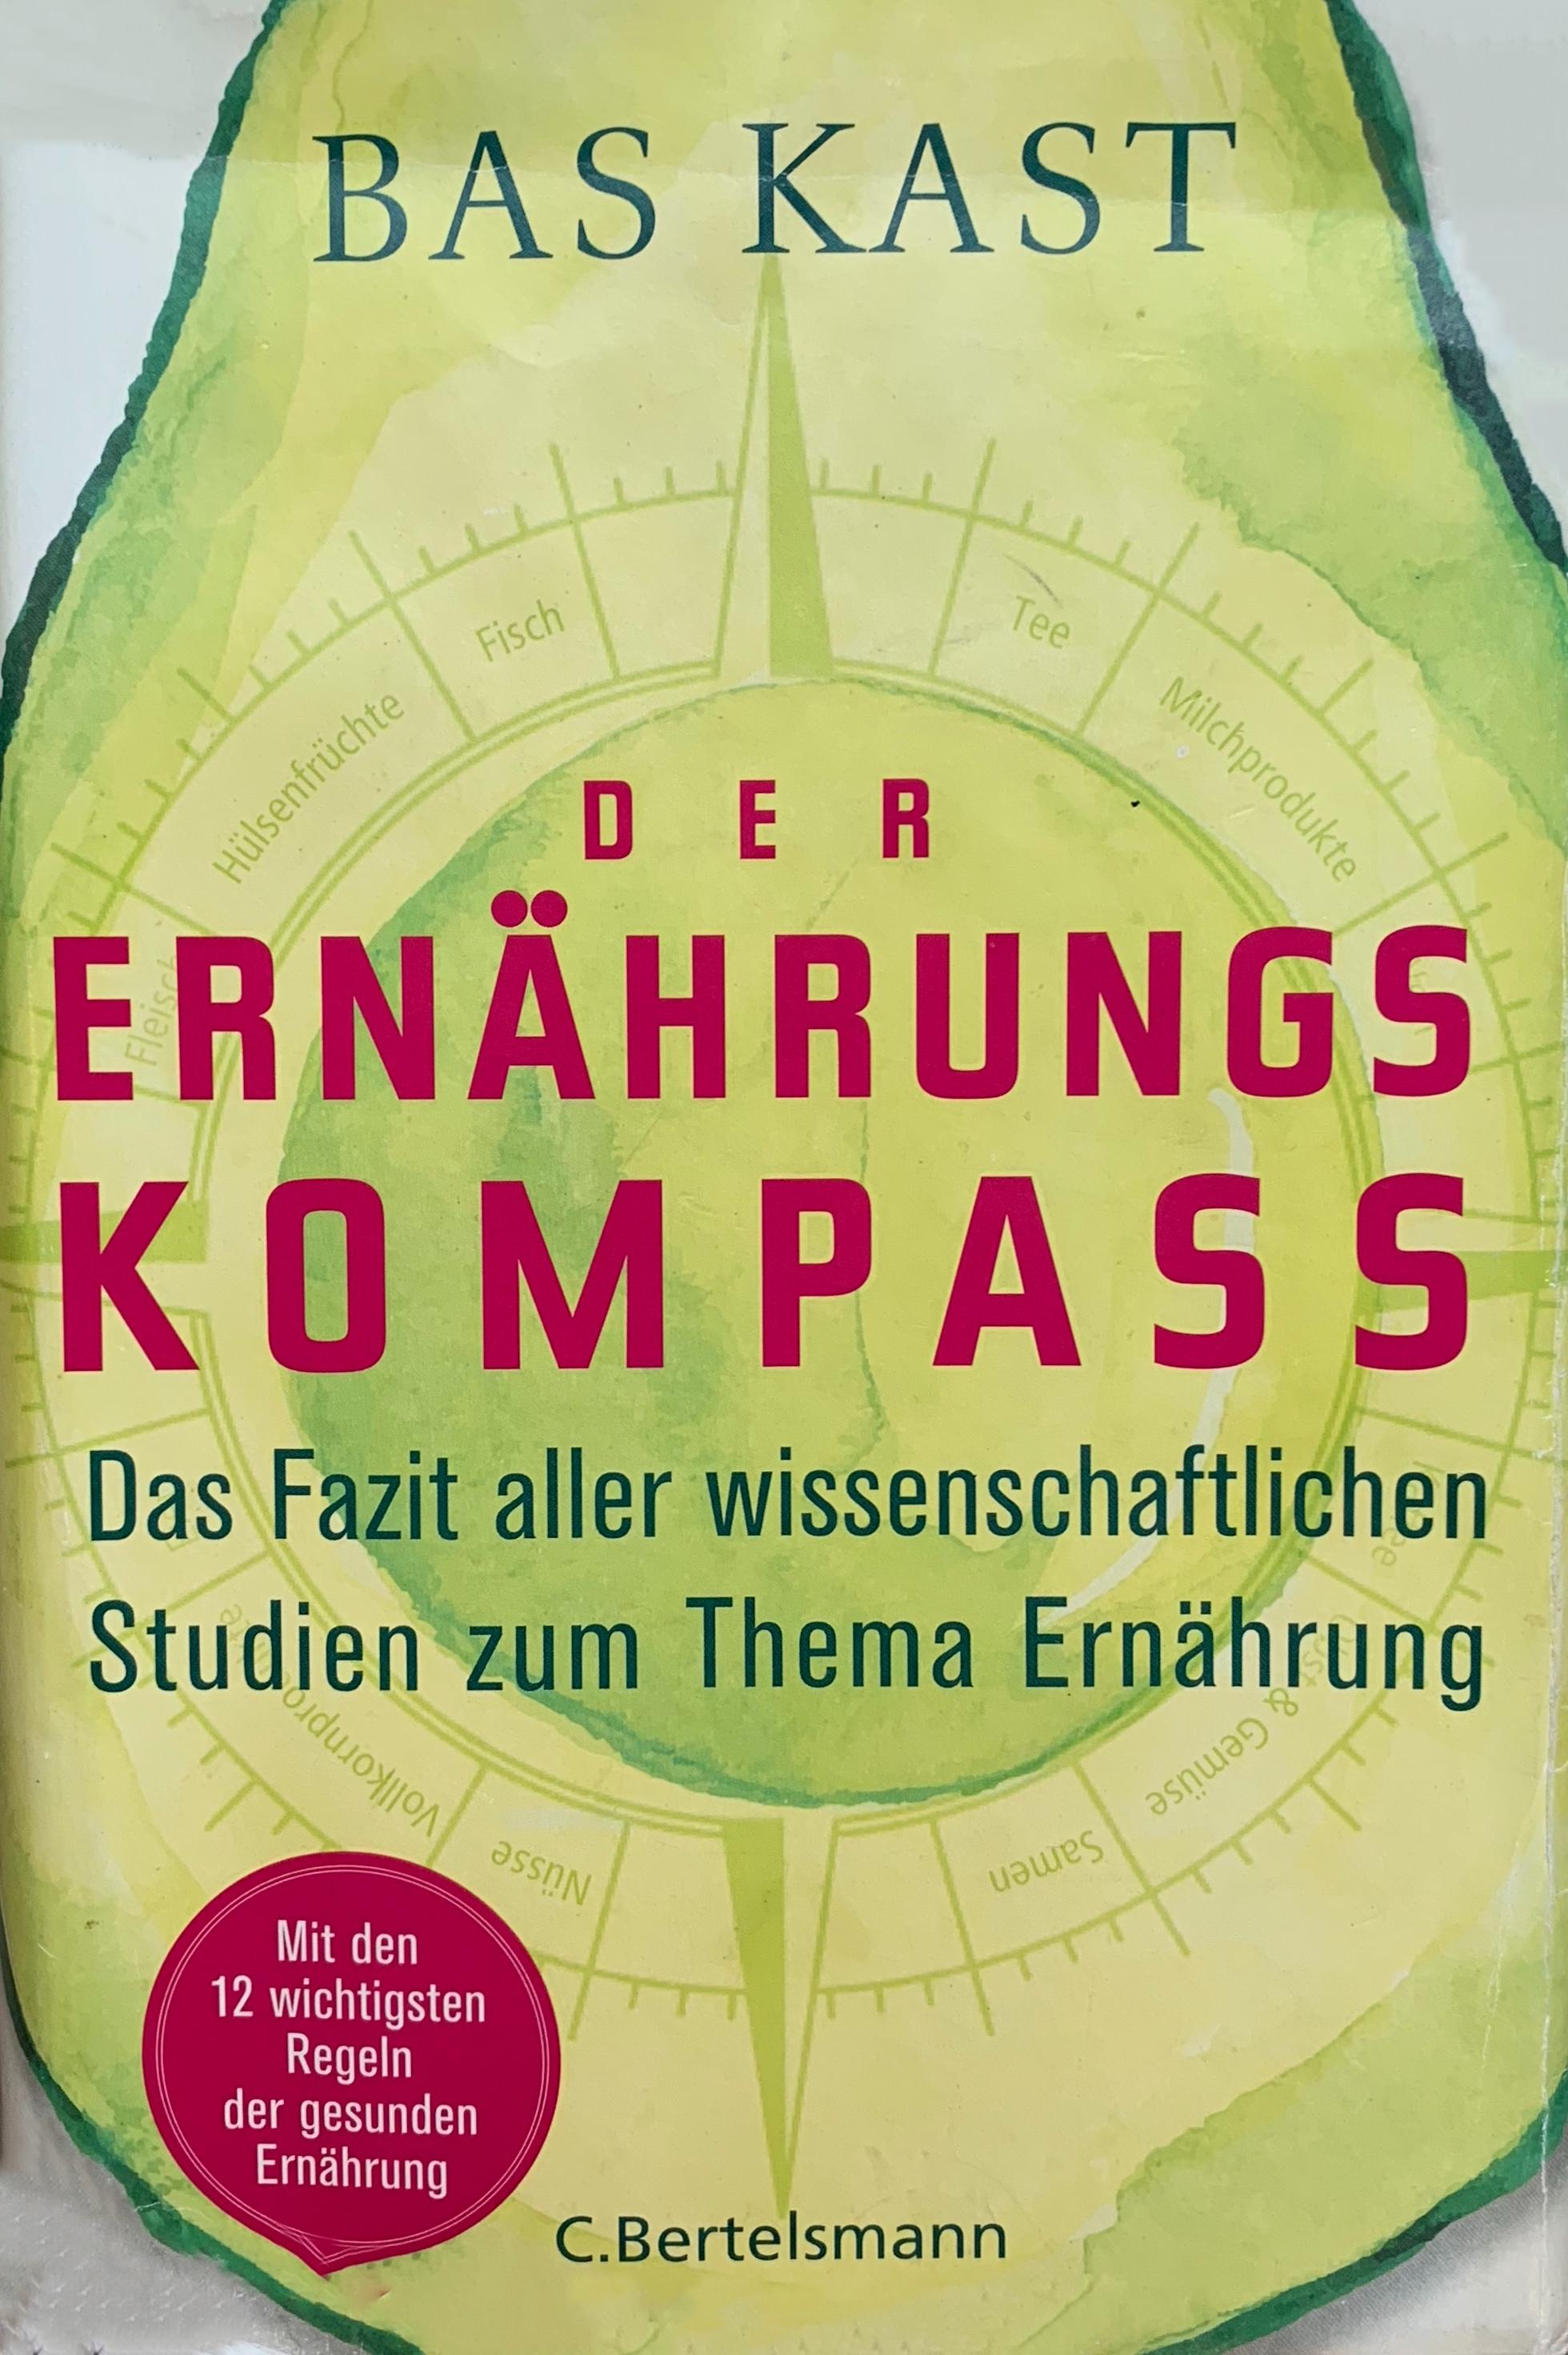 Cover Ernährungskompass von Bas Kast